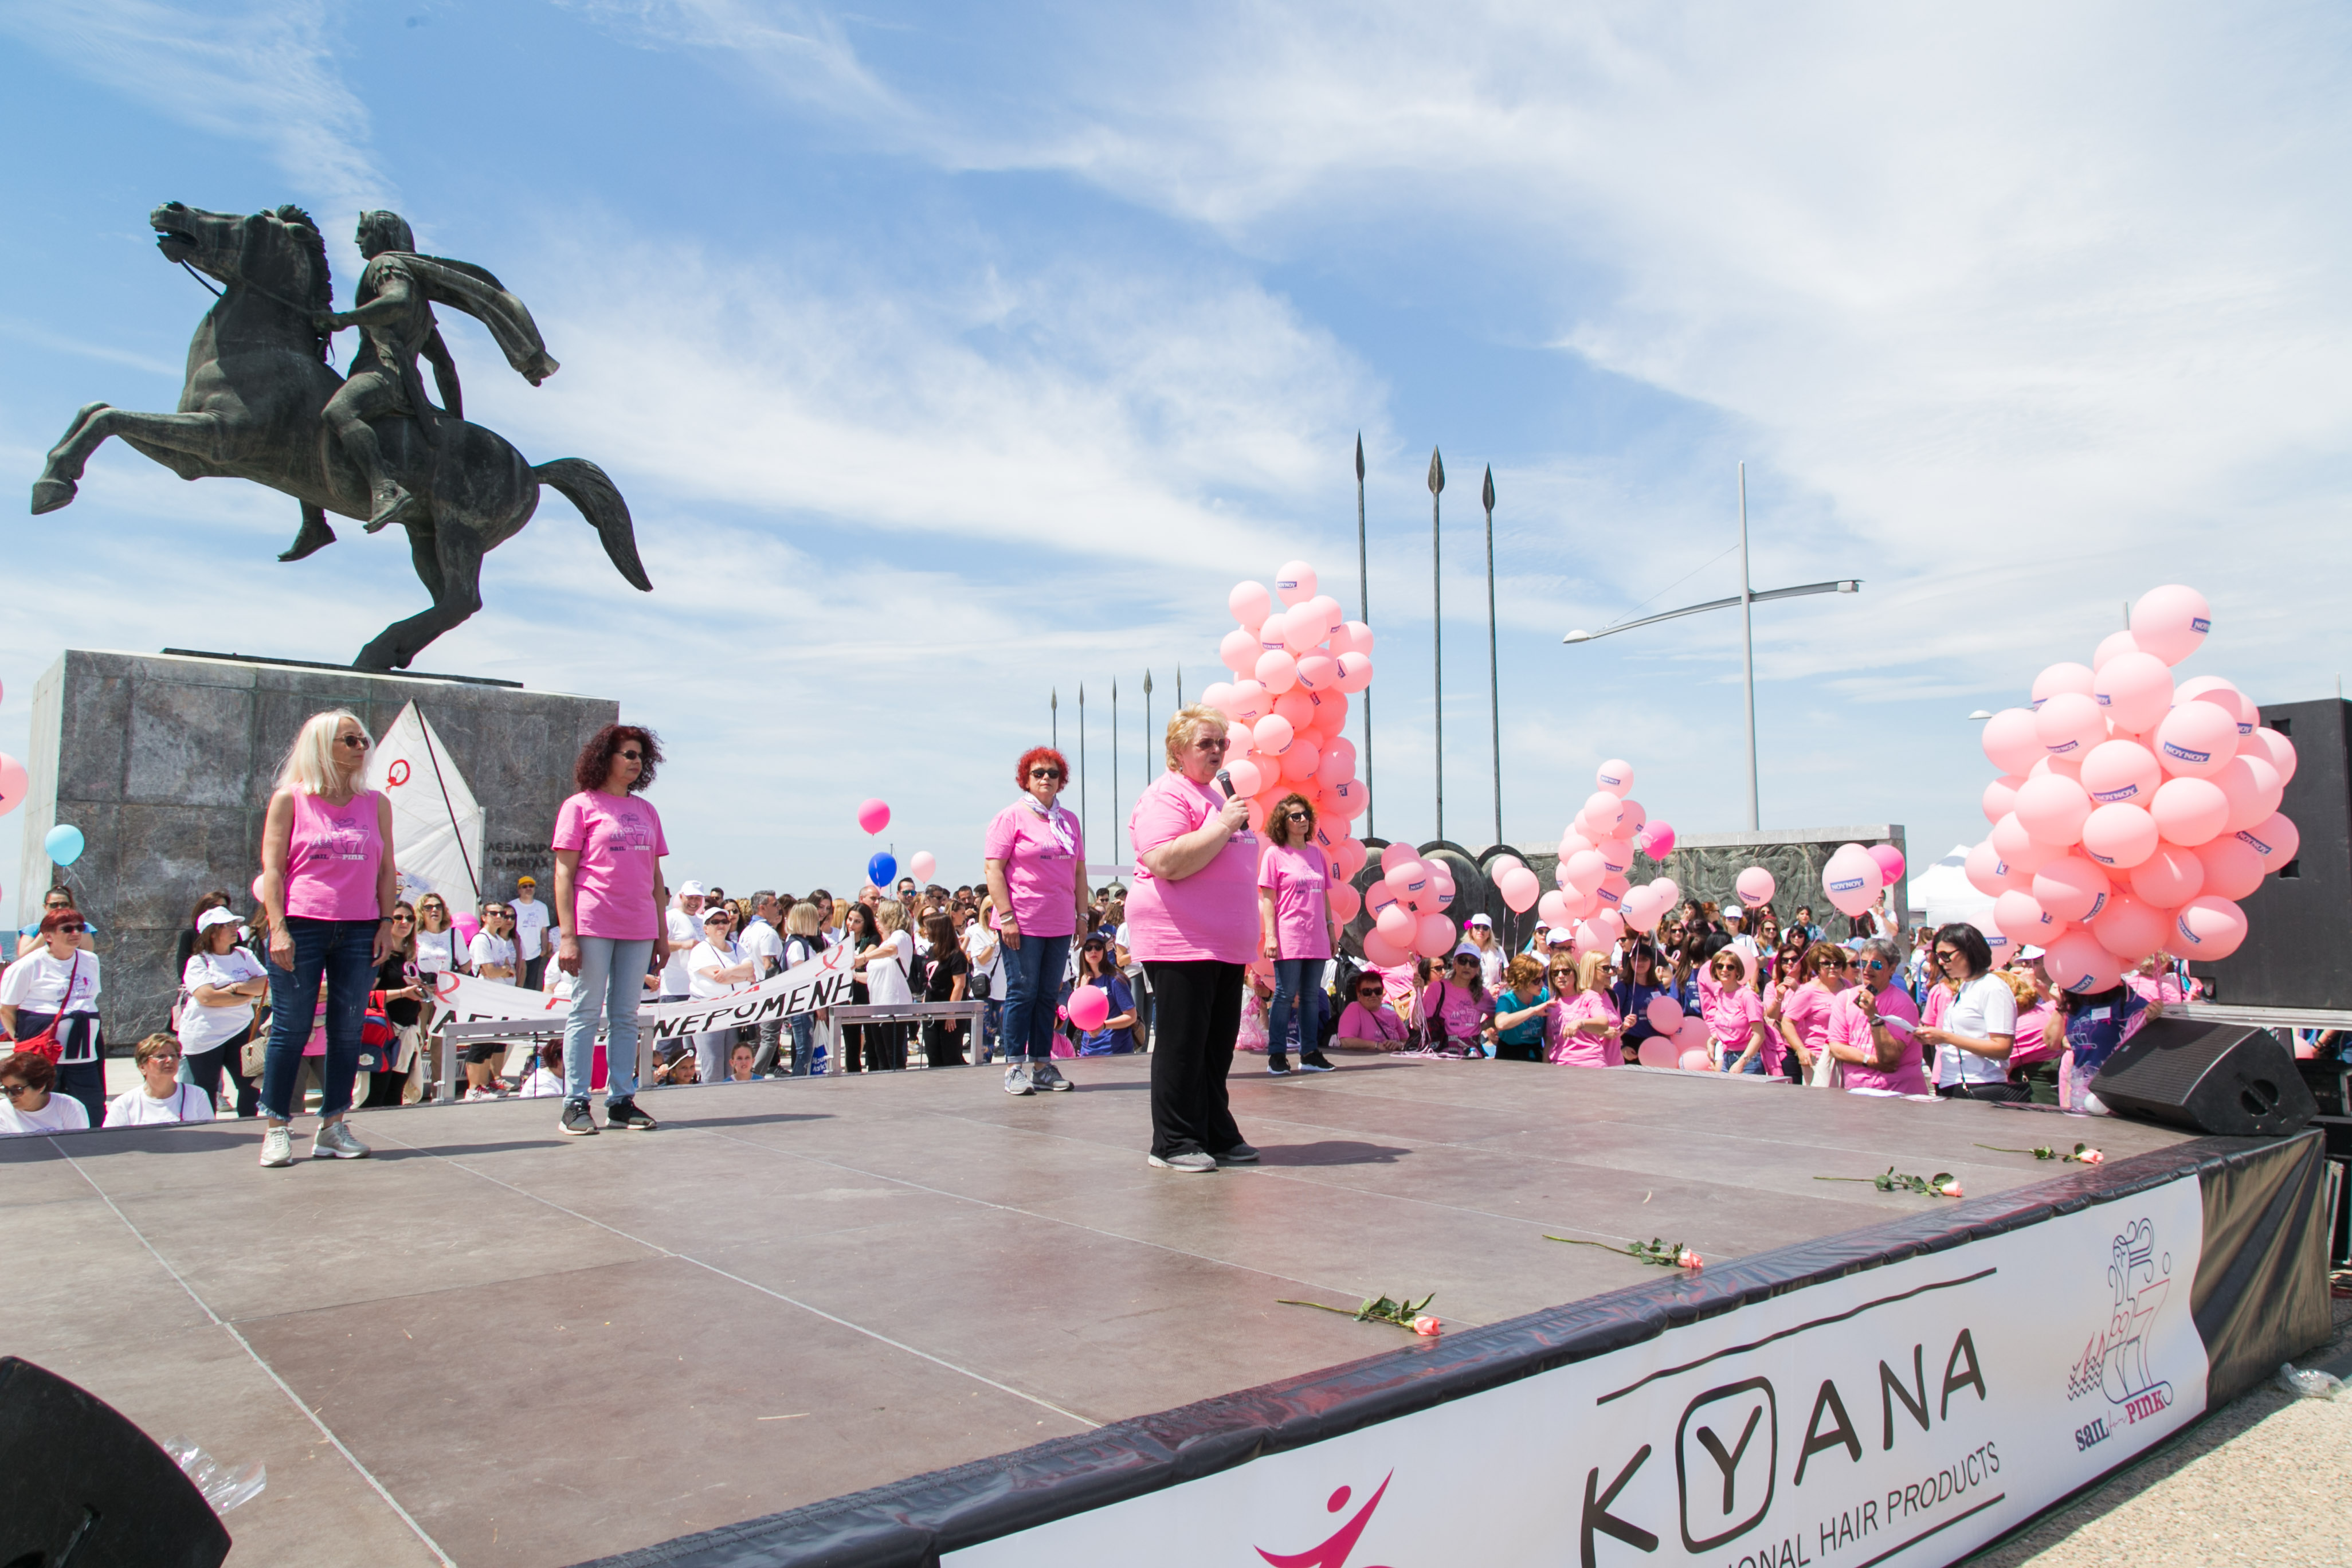 kyana_sail_for_pink_224